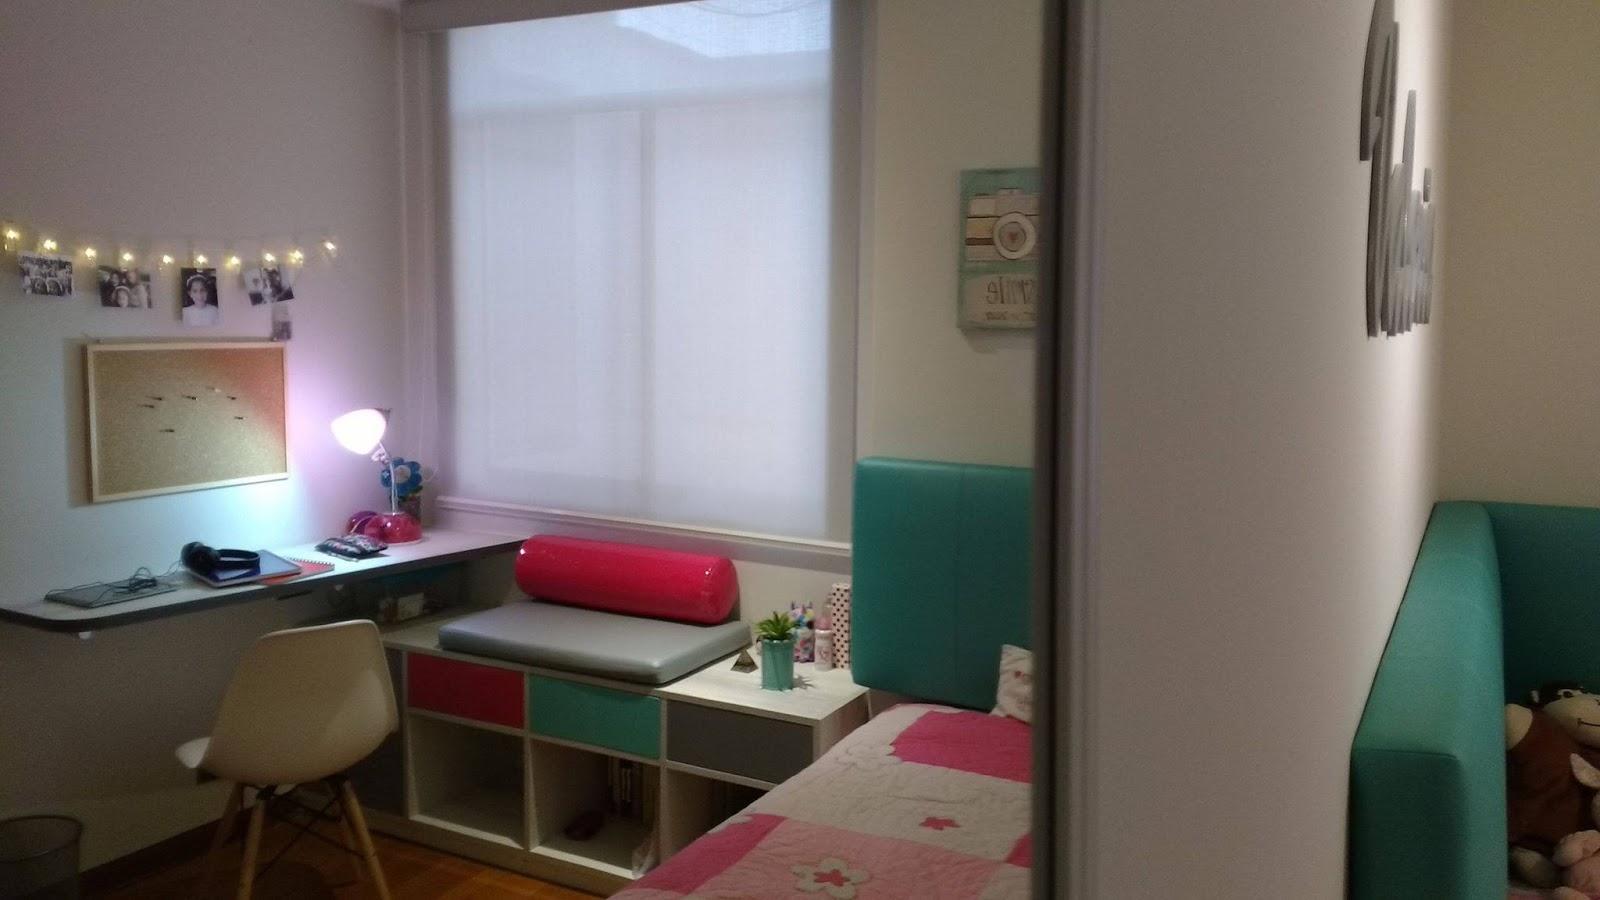 Dormitorios - Decoracion dormitorio pequeno ...